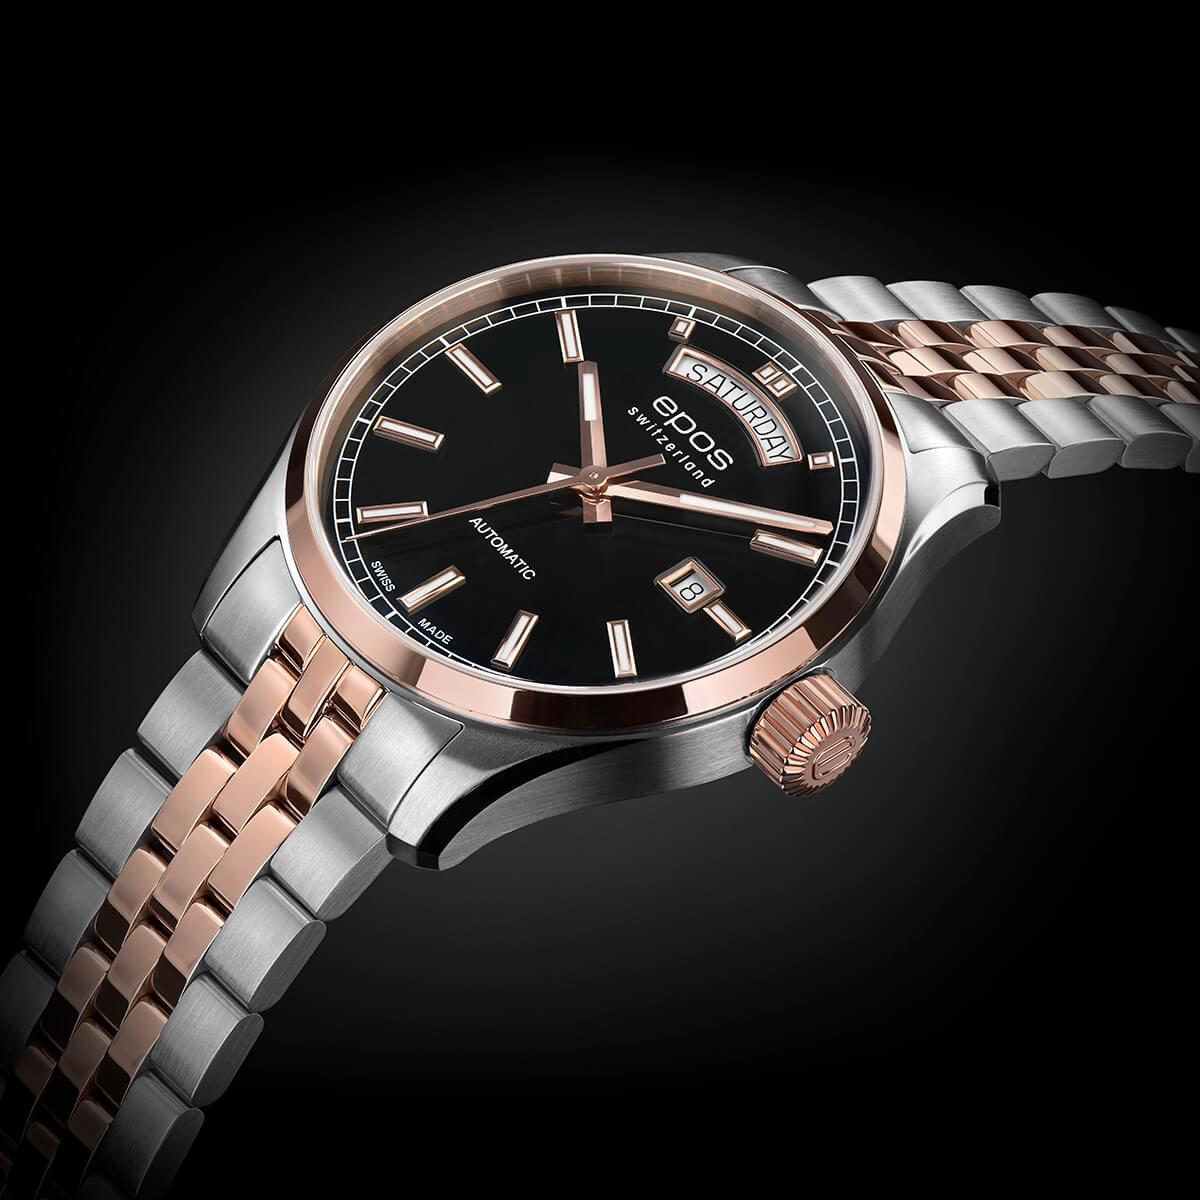 3501.142.34.95.44 zegarek męski Passion